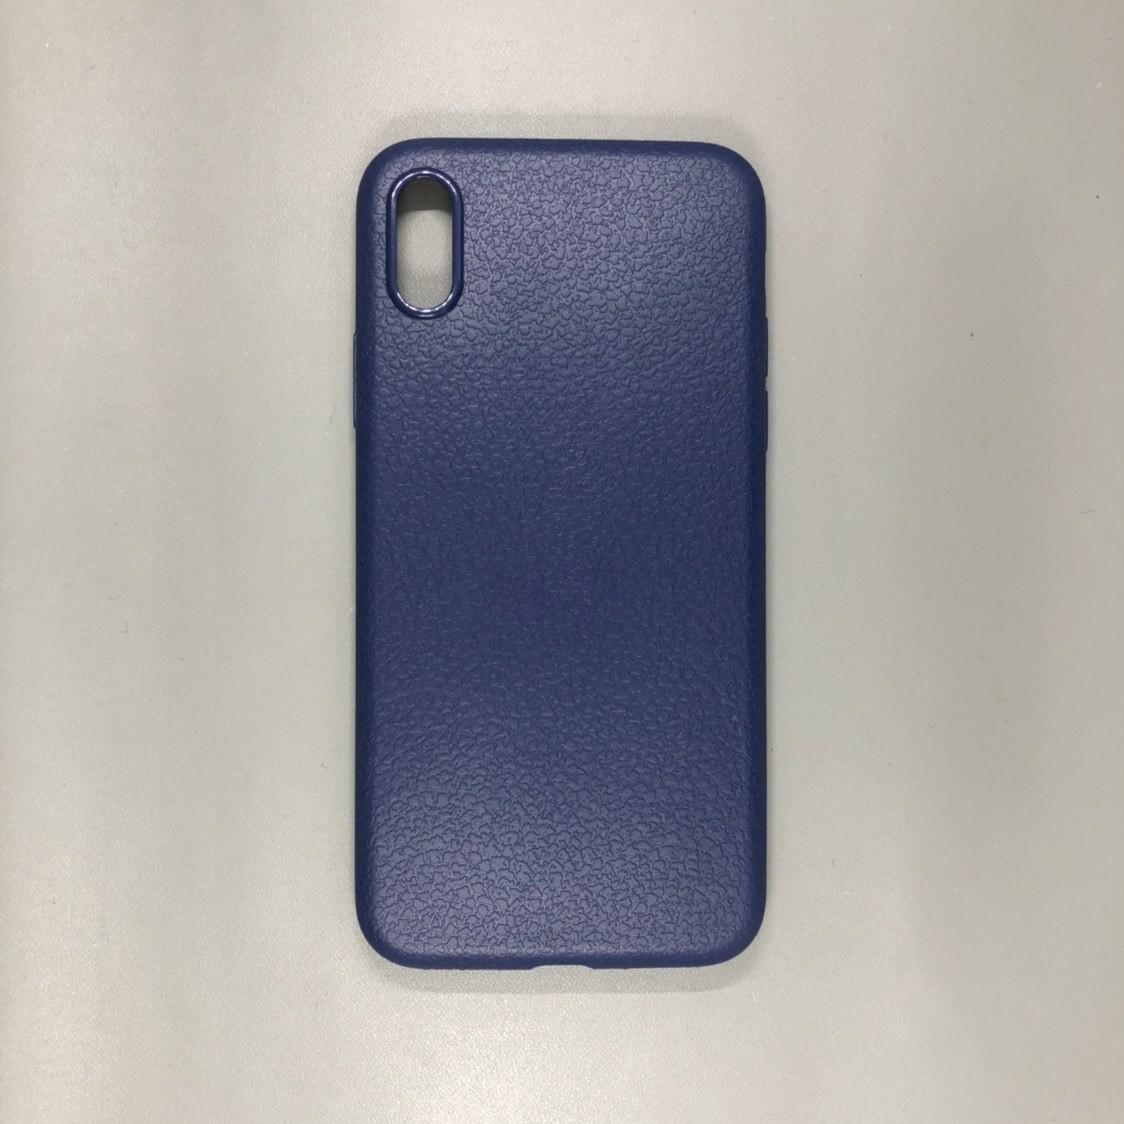 iPhone X Plastic Blue